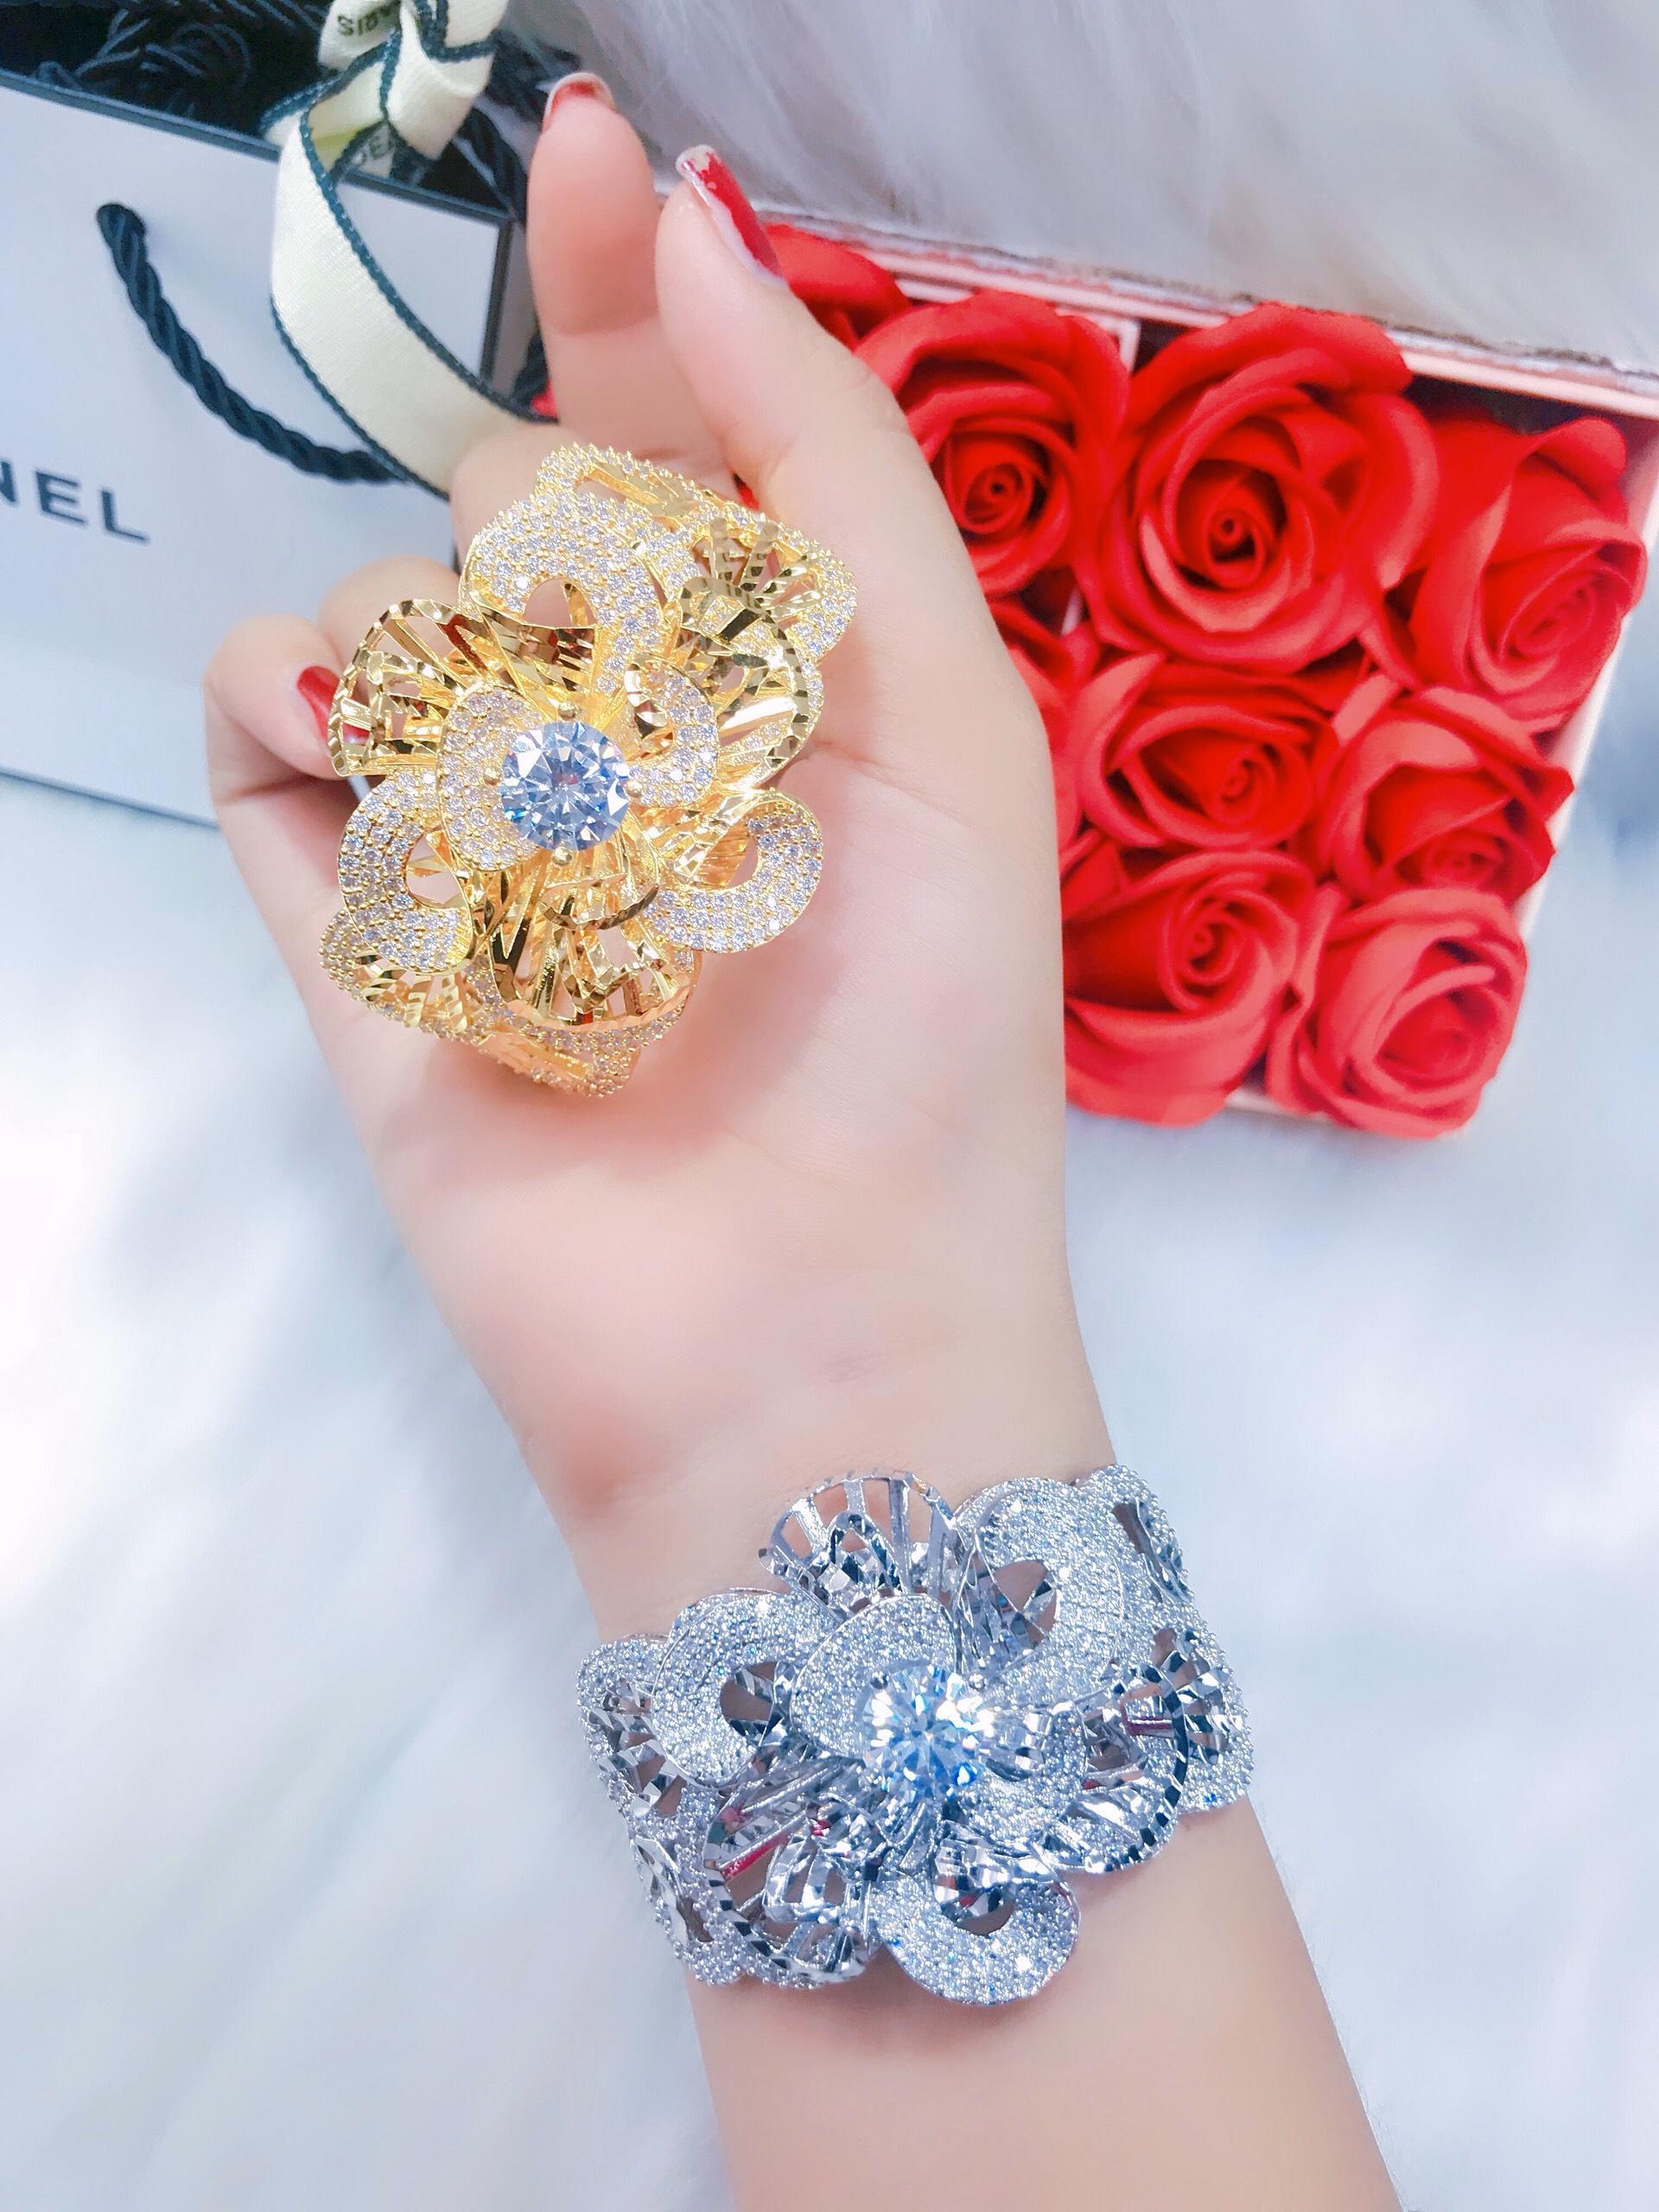 Vòng Tay Nữ Hoa Xoáy - Thiết Kế Hàn Quốc - Givishop - V100211 - [ Chất Liêu Bên Trong Bạc Thái, cam kết không đen không dị ứng ] - vòng lắc tay nữ, vòng tay vàng tây nữ, vòng đeo tay nữ cá tính, mau vong deo tay vang 18k, vòng tay cho nữ